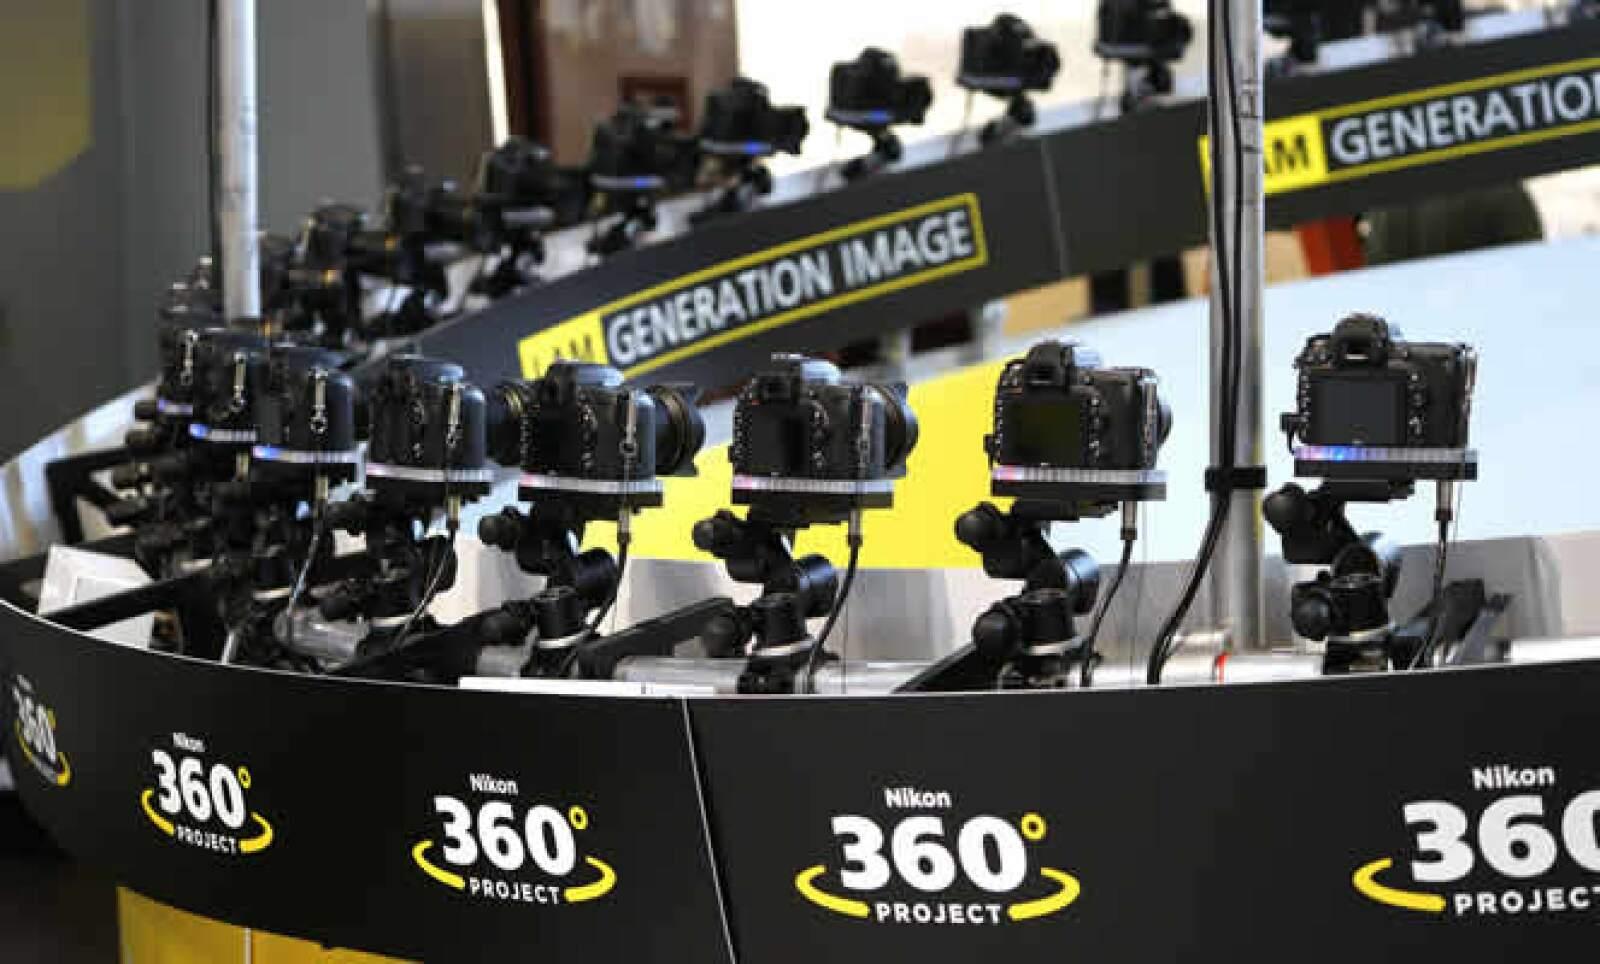 Nikon ofrece con esta cámara fotografías con ángulos de 360 grados.